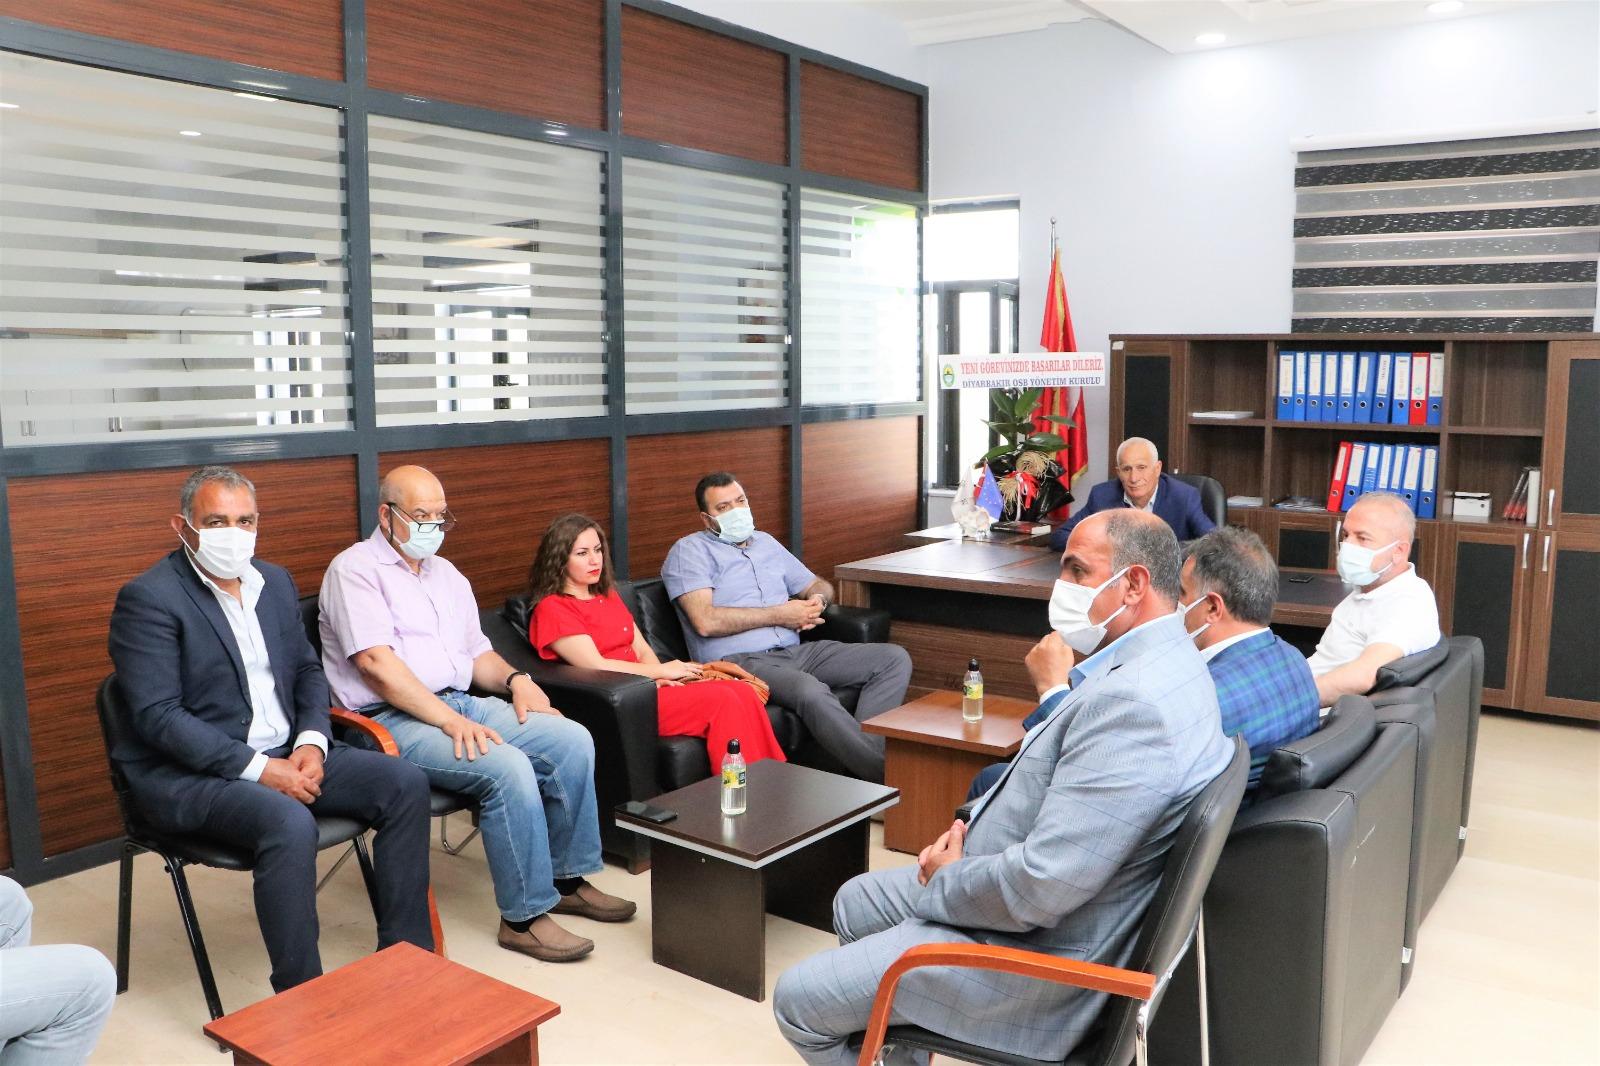 Yönetim Kurulu Üyelerimizden Dosiad Yönetimine hayırlı olsun ziyareti